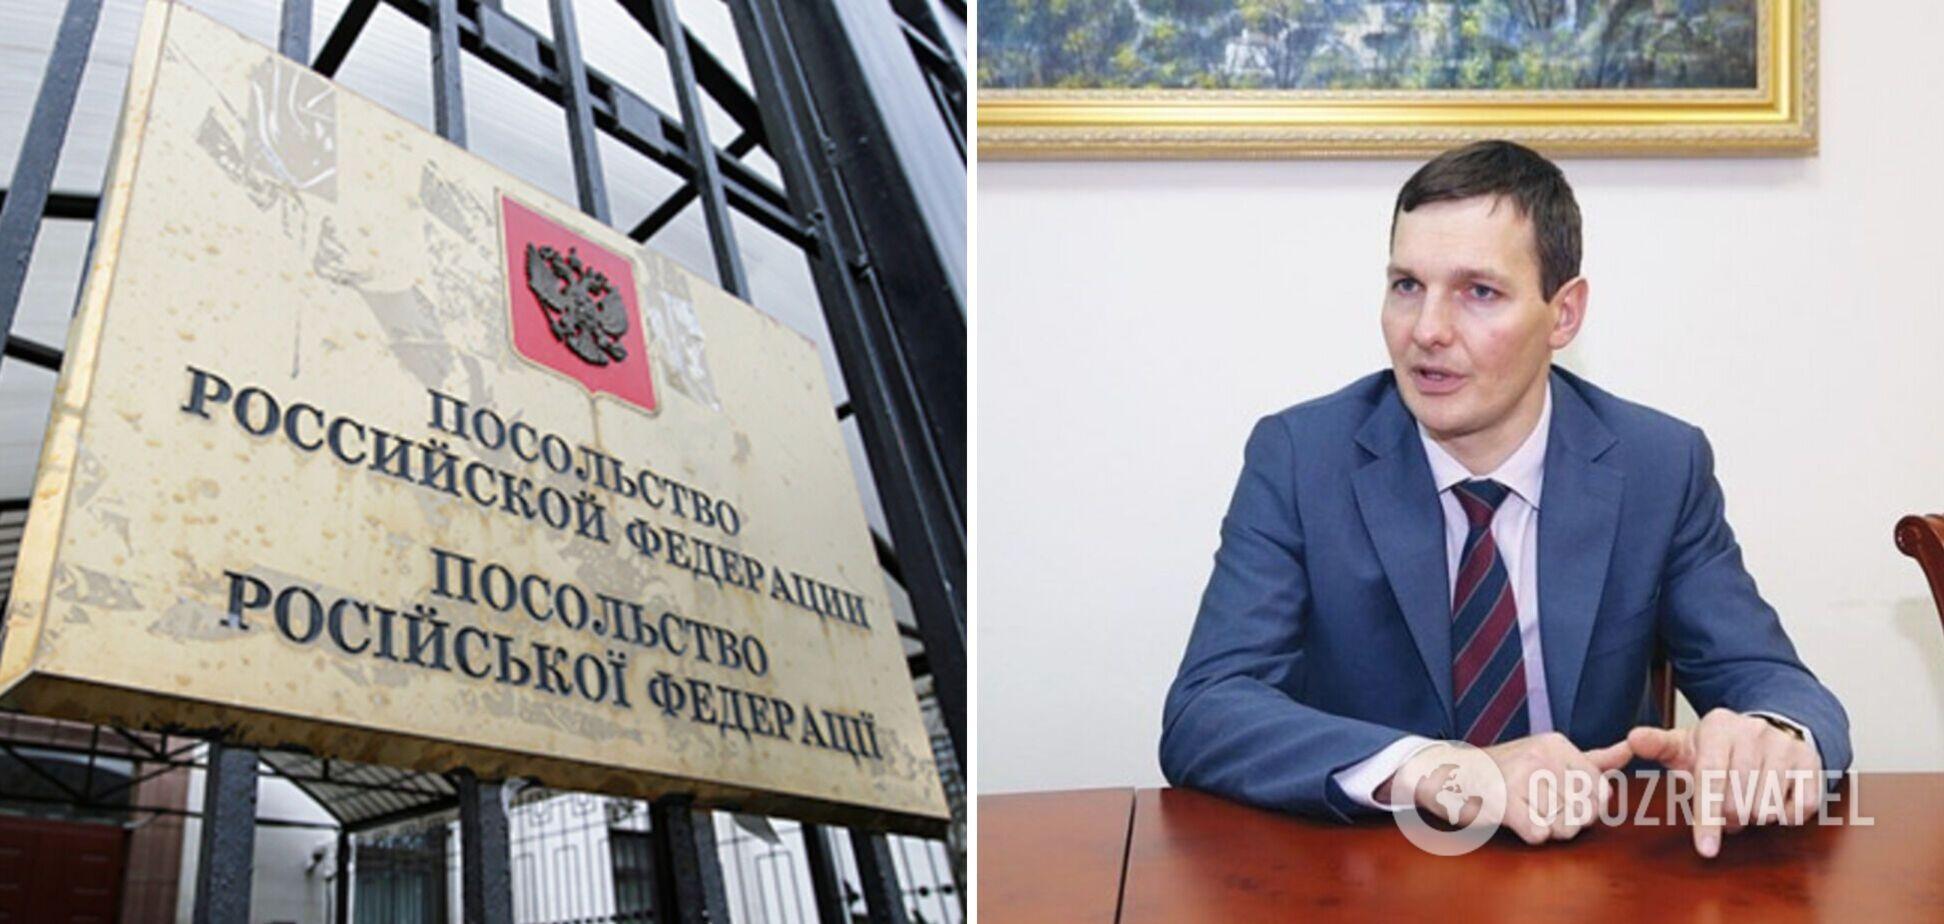 В МЗС назвали російського дипломата, якого видворять з України